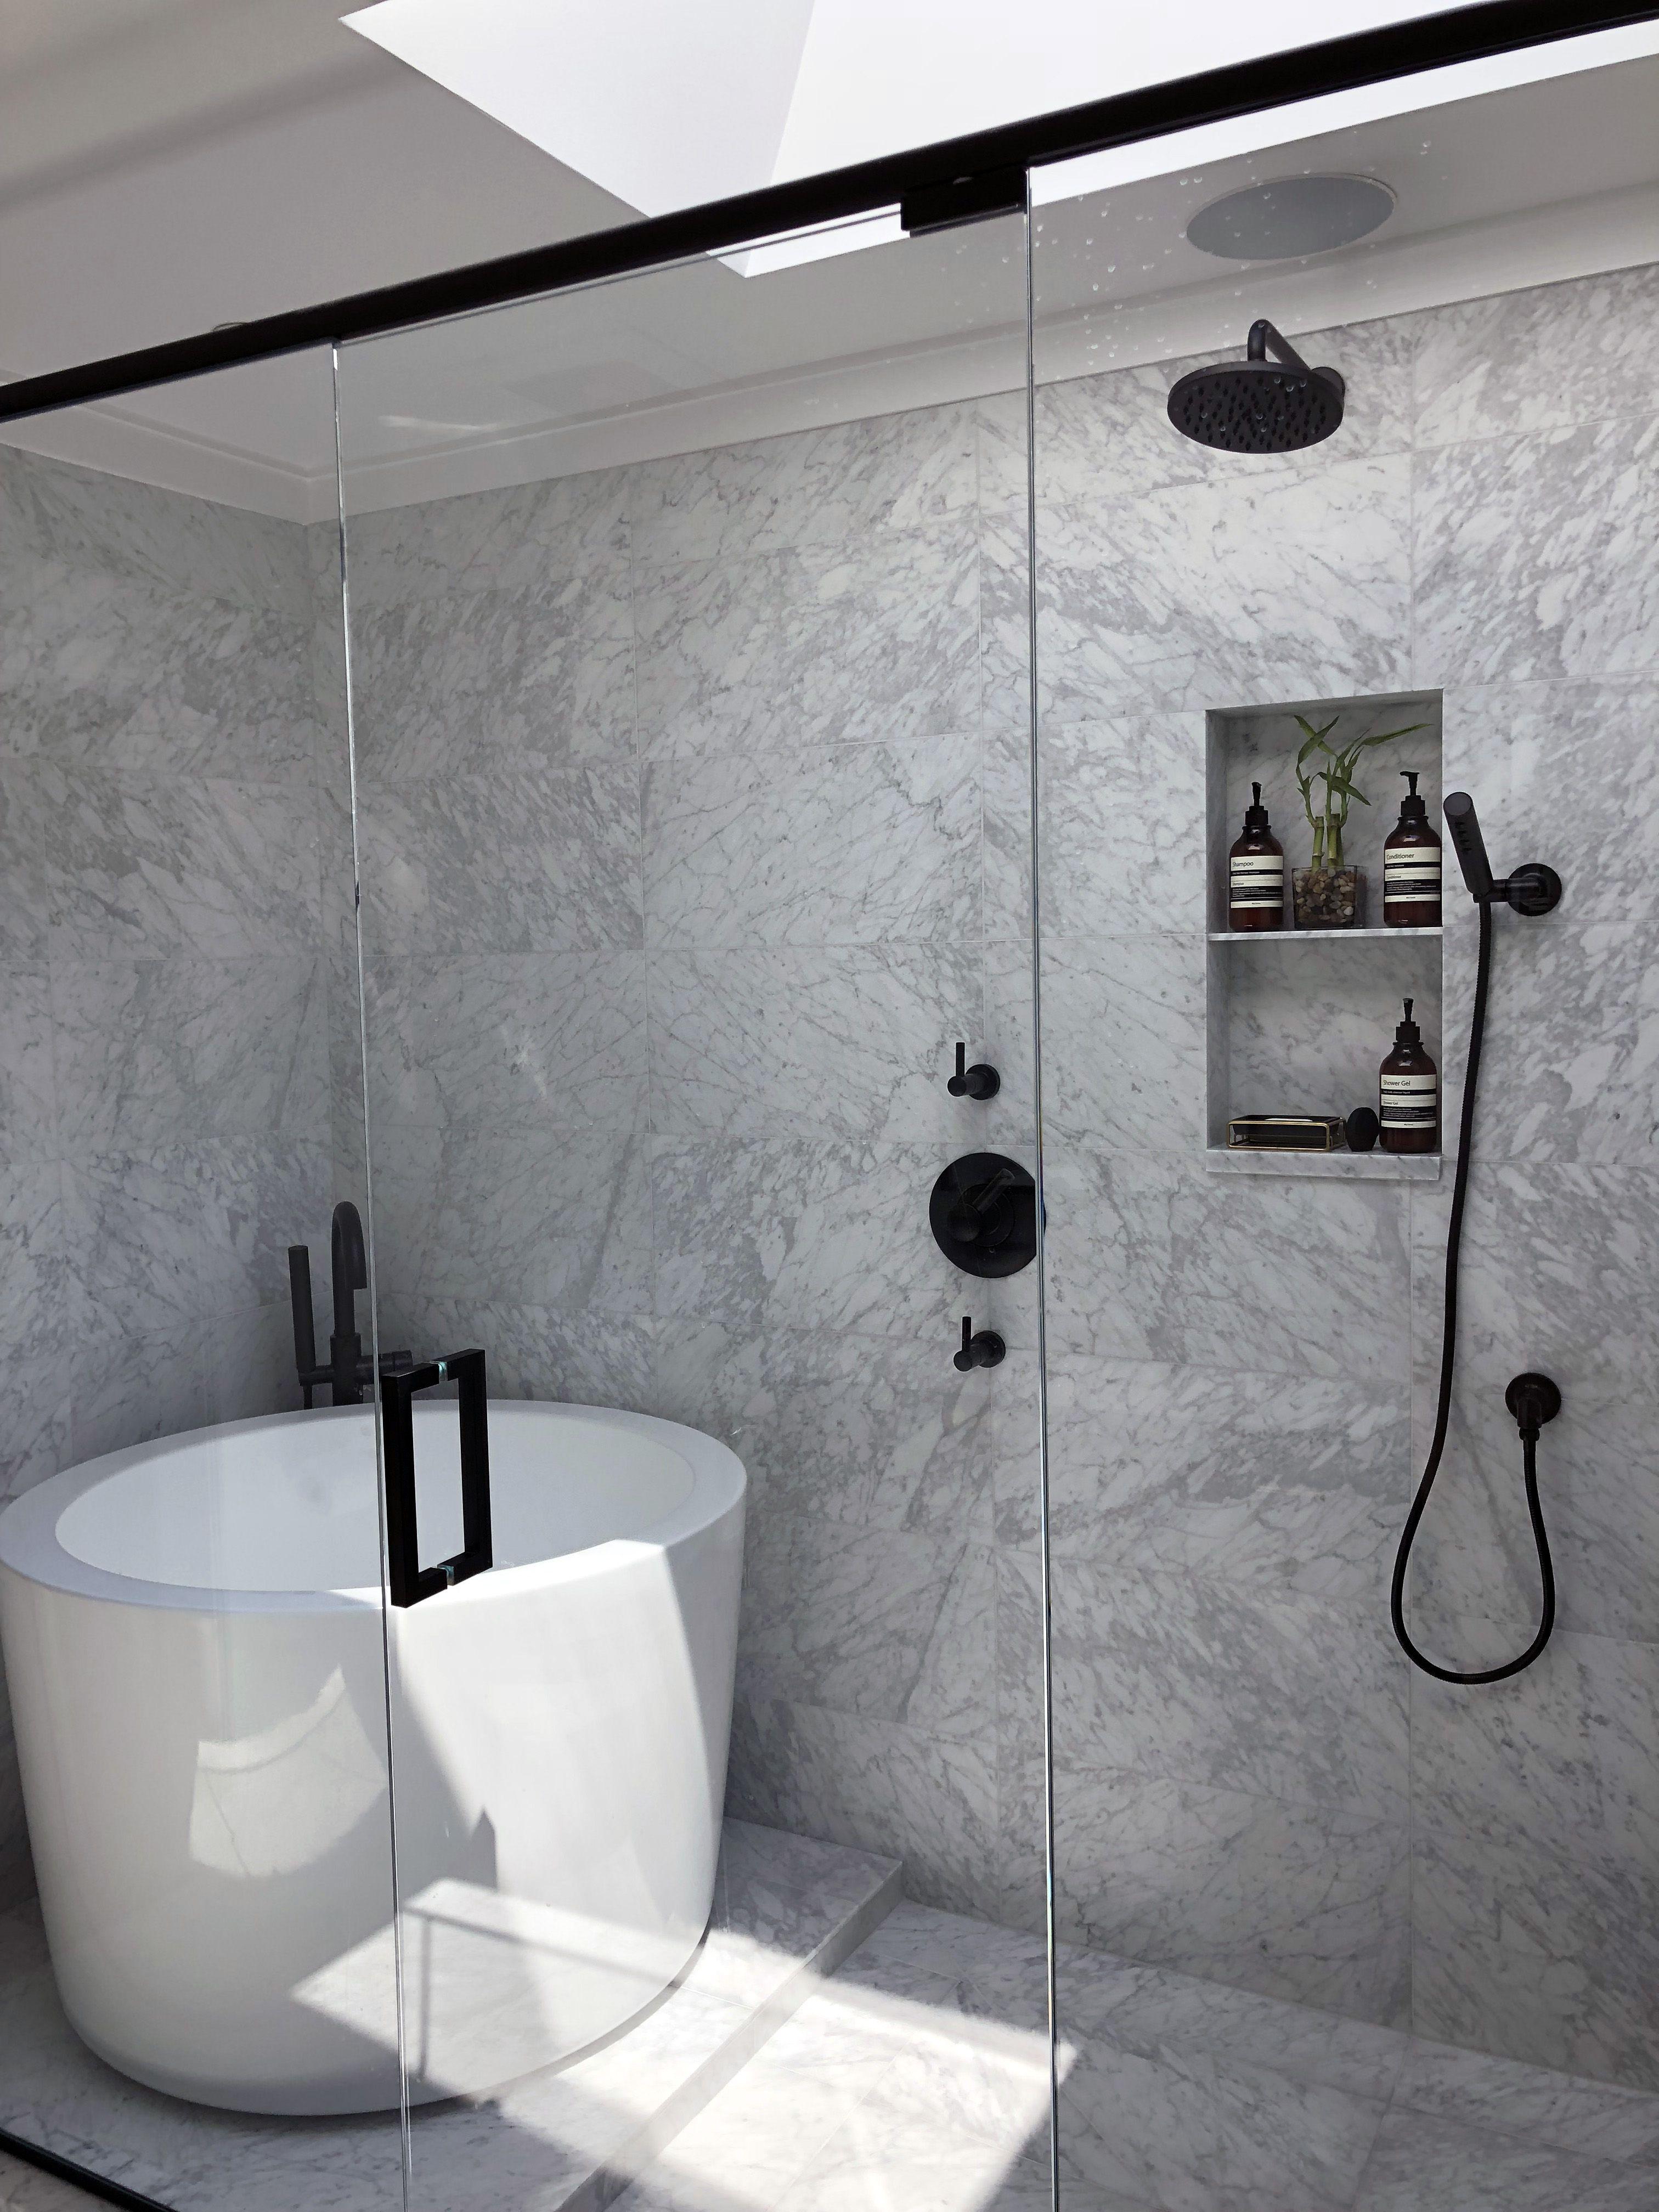 Siglo Japanese Soaking Tub Jasonwu Brizo Siglo Marble Wetroom